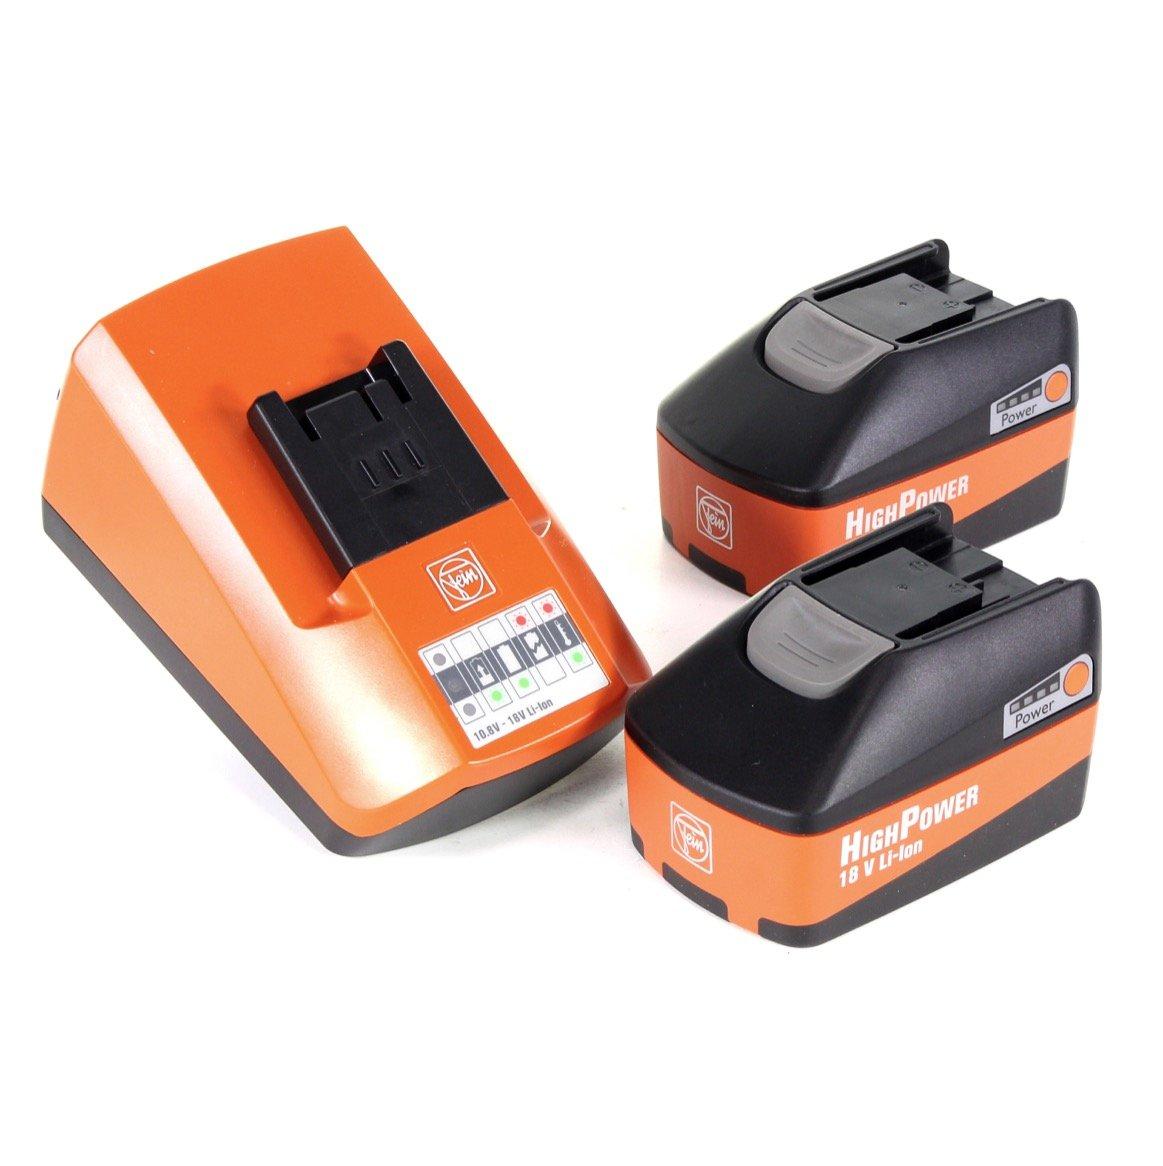 Fein High Power Batería Starter Set alg 50 universal cargador rápido + 2 x 5,2 Ah Batería (92604307010): Amazon.es: Bricolaje y herramientas